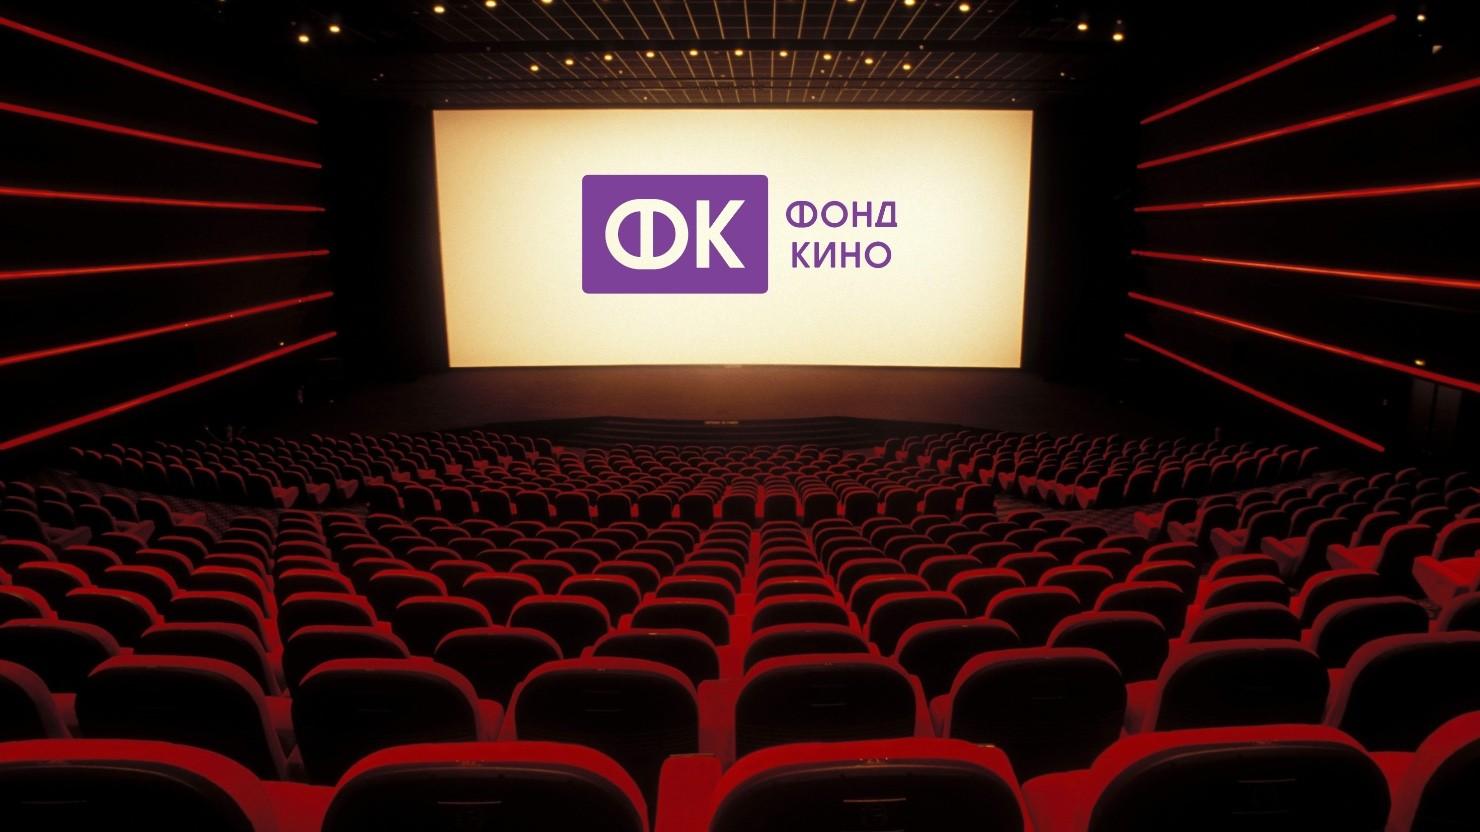 Фонд кино подвел кассовые итоги 2020 года.